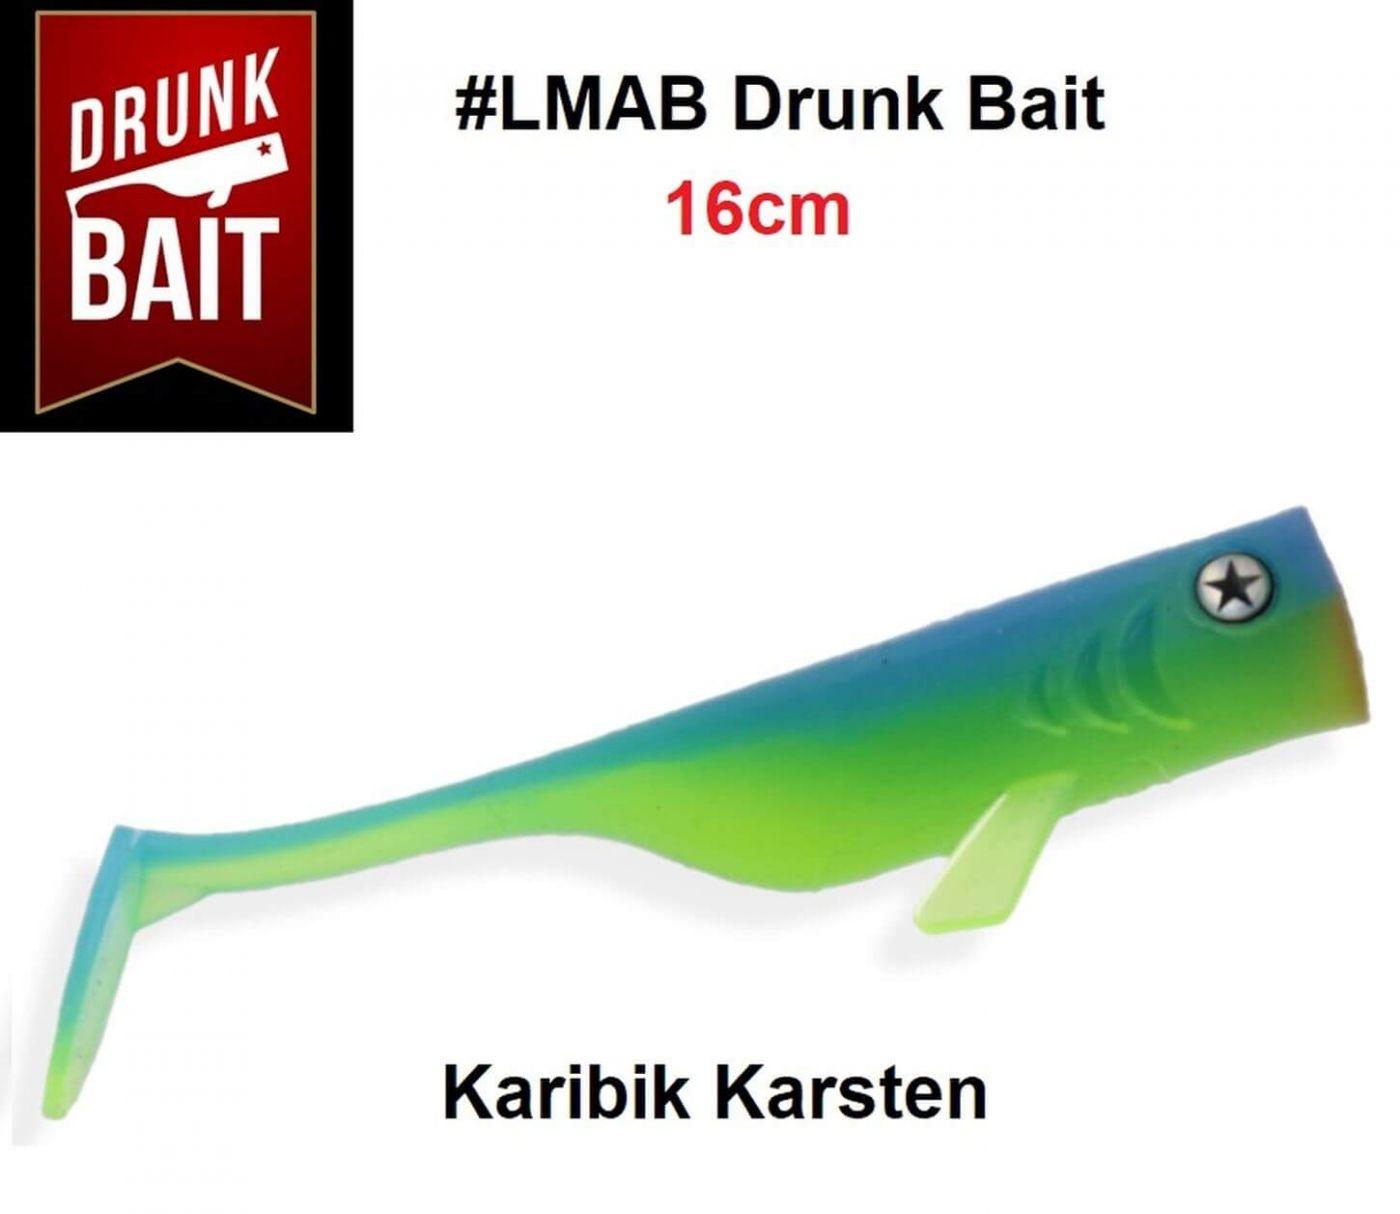 GUMMIFISCH AUSWAHL ALLE FARBEN SHAD BARSCH DRUNKBAIT DRUNK BAIT 8cm